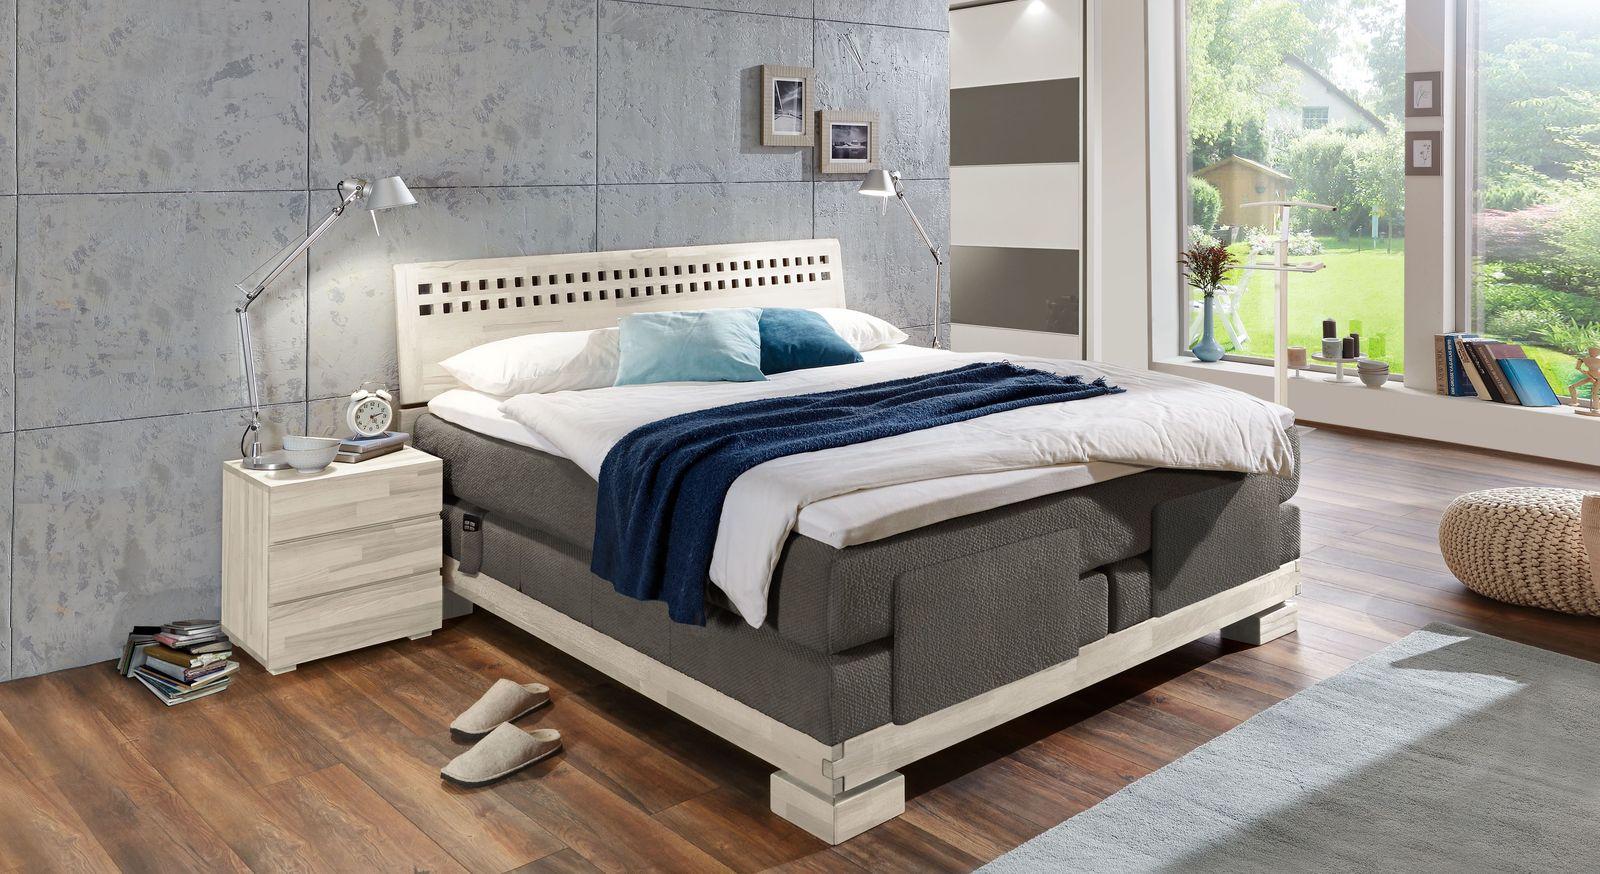 Komplett Schlafzimmer Piacenza Mit Kleiderschrank Baria